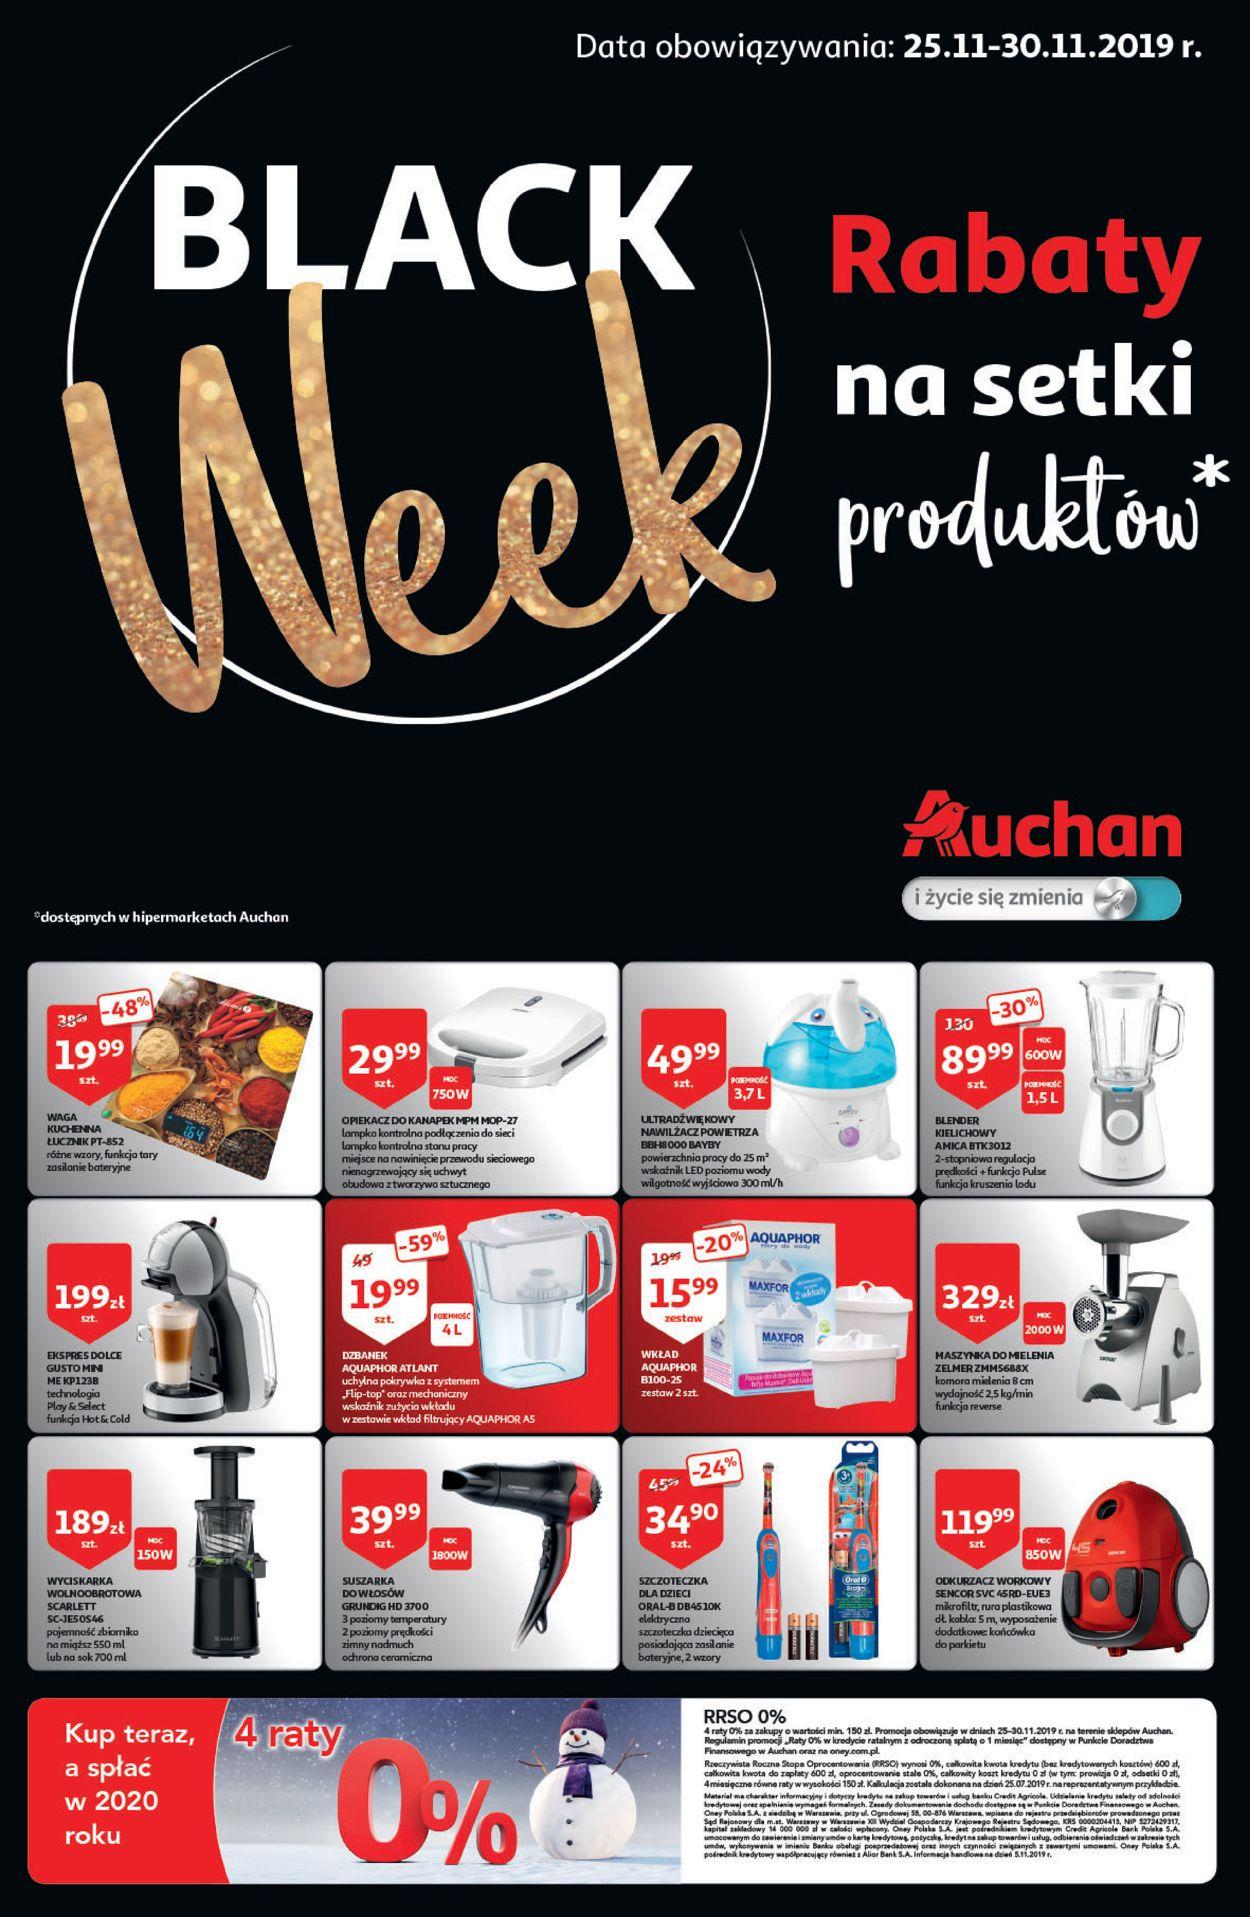 Gazetka promocyjna Auchan - Black Week 2019 - 25.11-30.11.2019